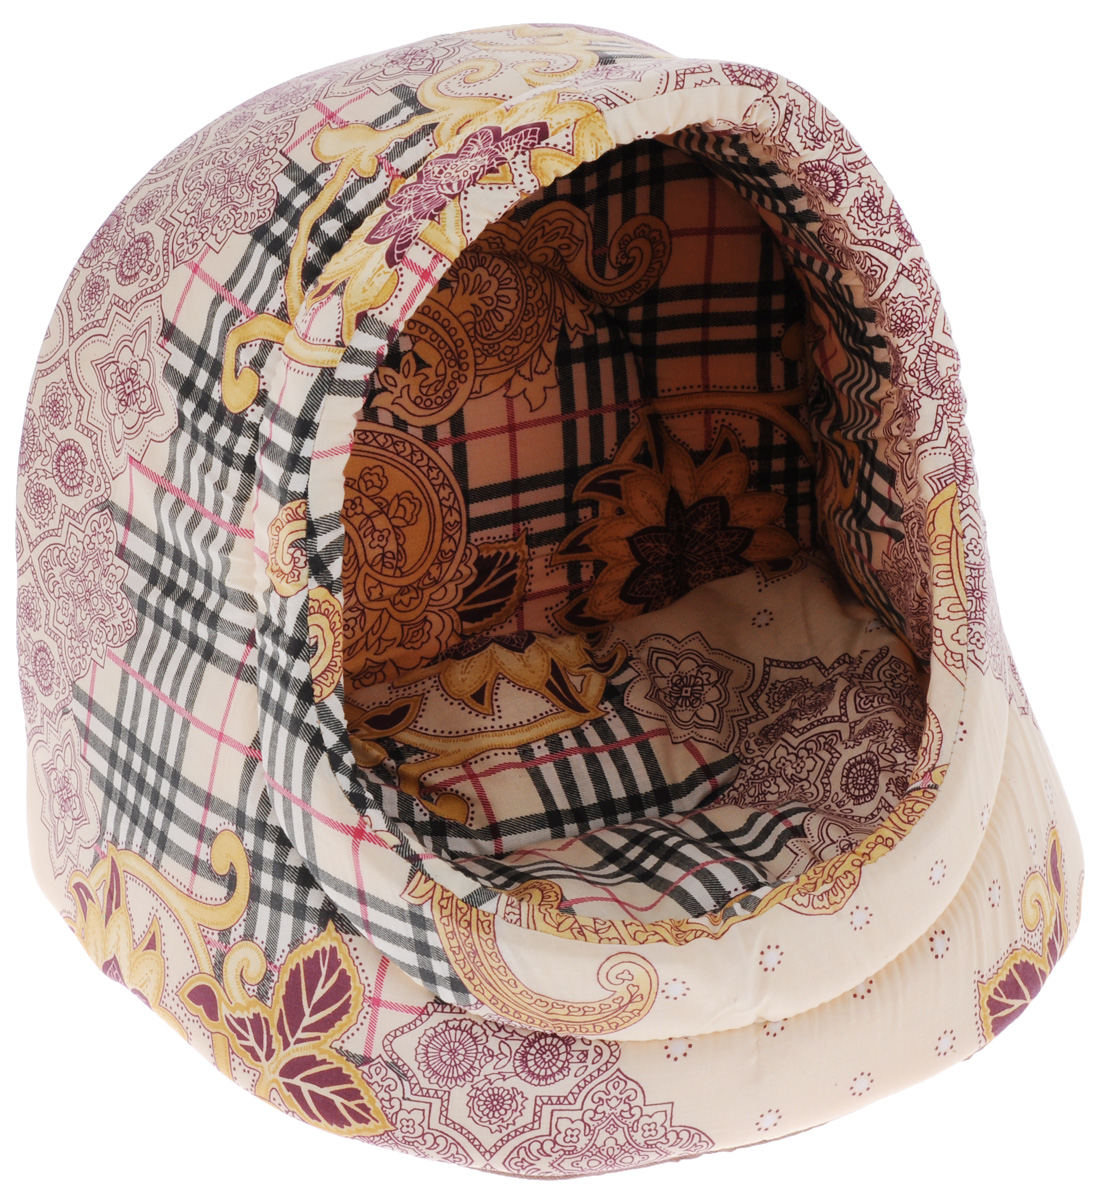 Лежак для кошек Бобровый дворик Ракушка. Трава, цвет: светло-бежевый, коричневый, желтый, 40 х 33 х 33 см6734_светло-бежевый, коричневый, желтыйЛежак для кошек Бобровый дворик Ракушка. Трава станет уютным местом для вашей пушистой любимицы. Лежак представляет собой небольшой домик, напоминающий по форме ракушку. Изделие выполнено из хлопка с наполнителем из мебельного поролона повышенной жесткости и спанбонда. Домик прекрасно держит форму, в нем вашей кошке будет уютно, мягко и комфортно. Там она сможет подремать, отдохнуть и просто спрятаться.